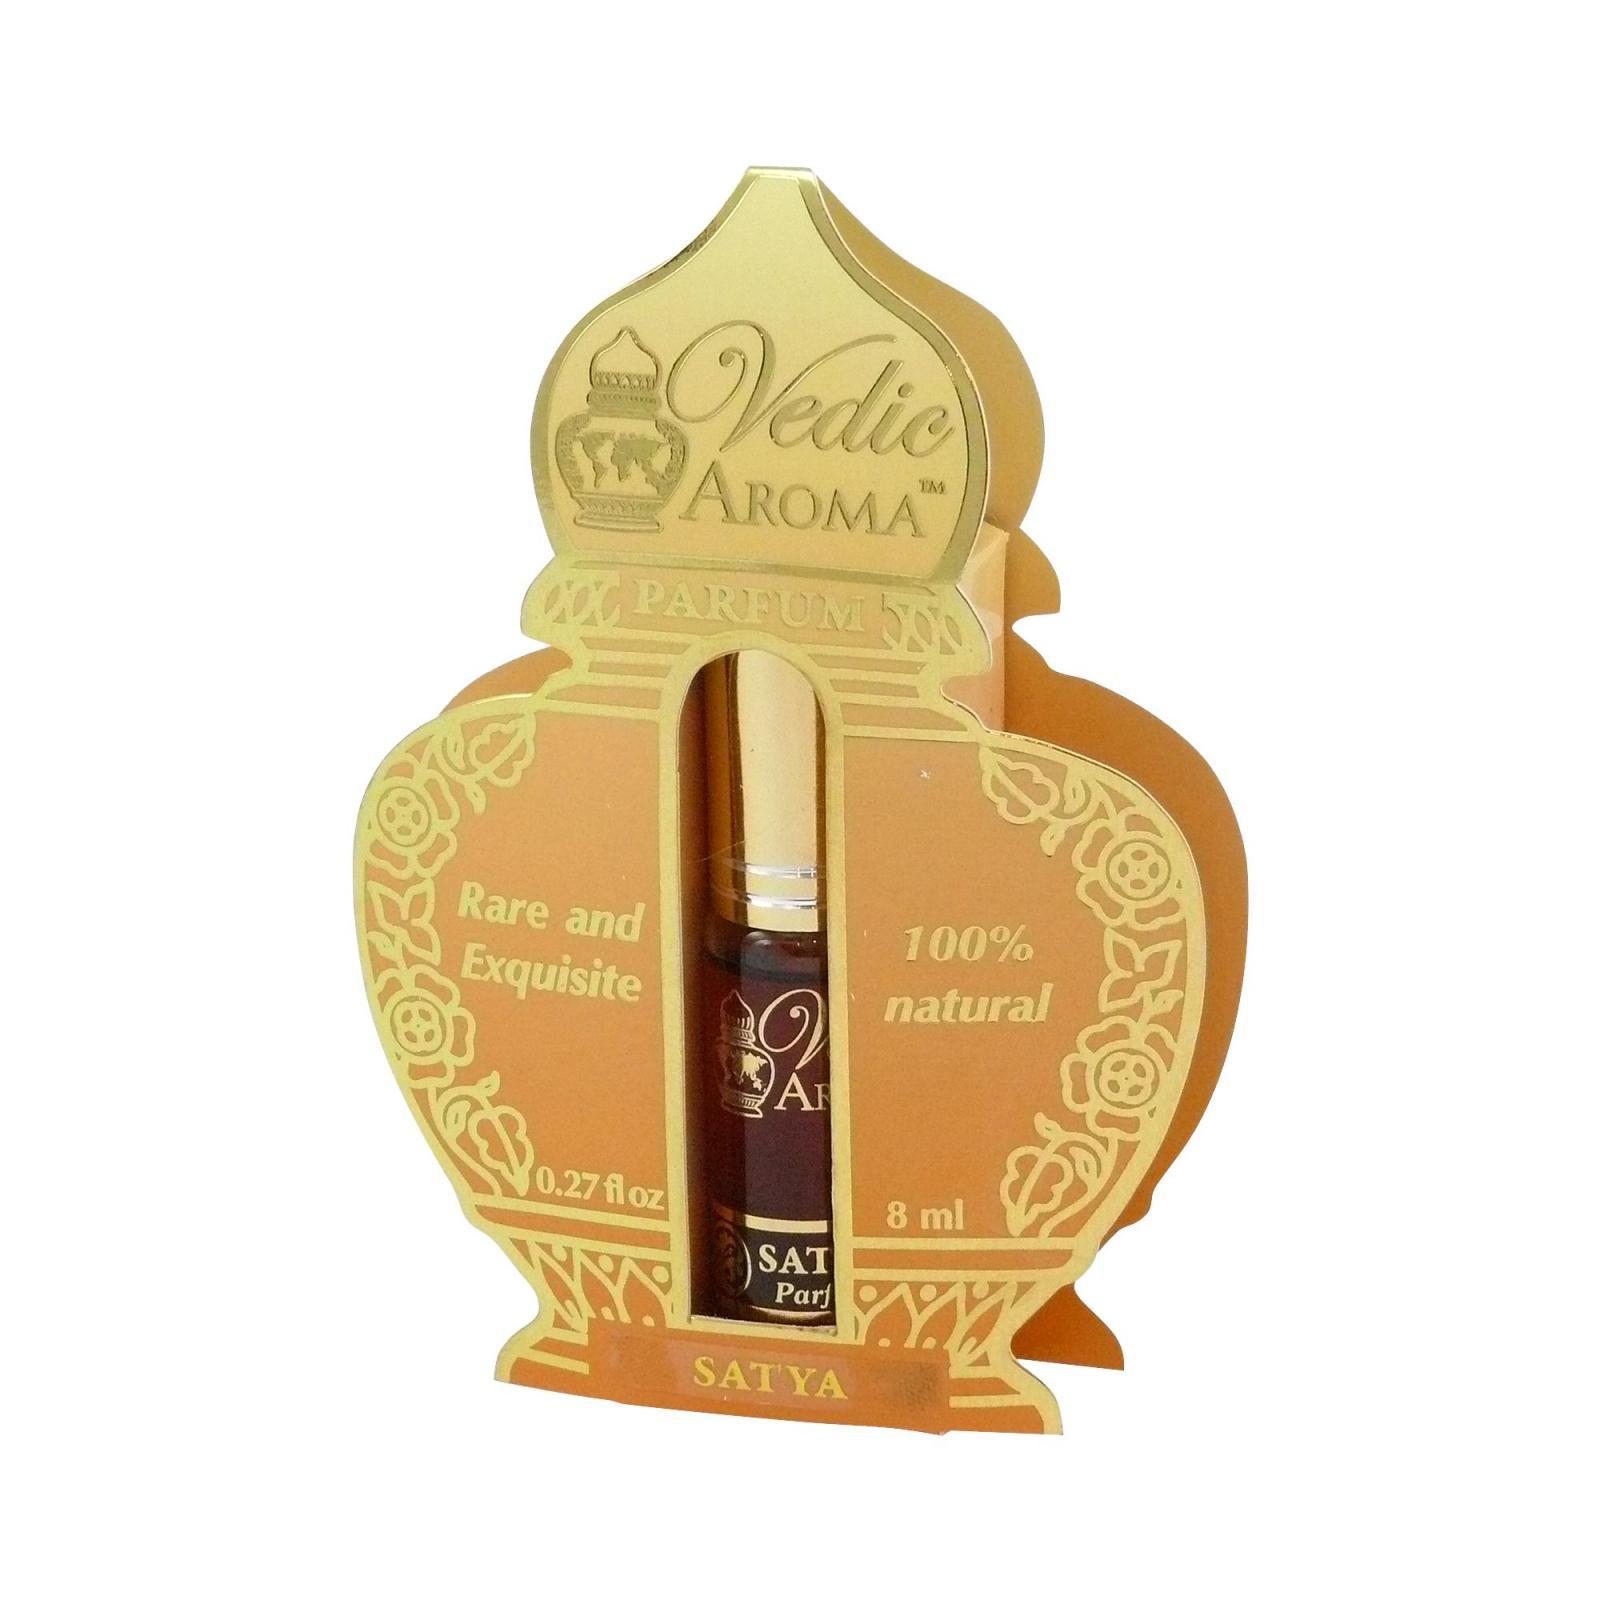 Vedic Aroma Ayurvédský parfém Parfum Satya 8 ml, sprej